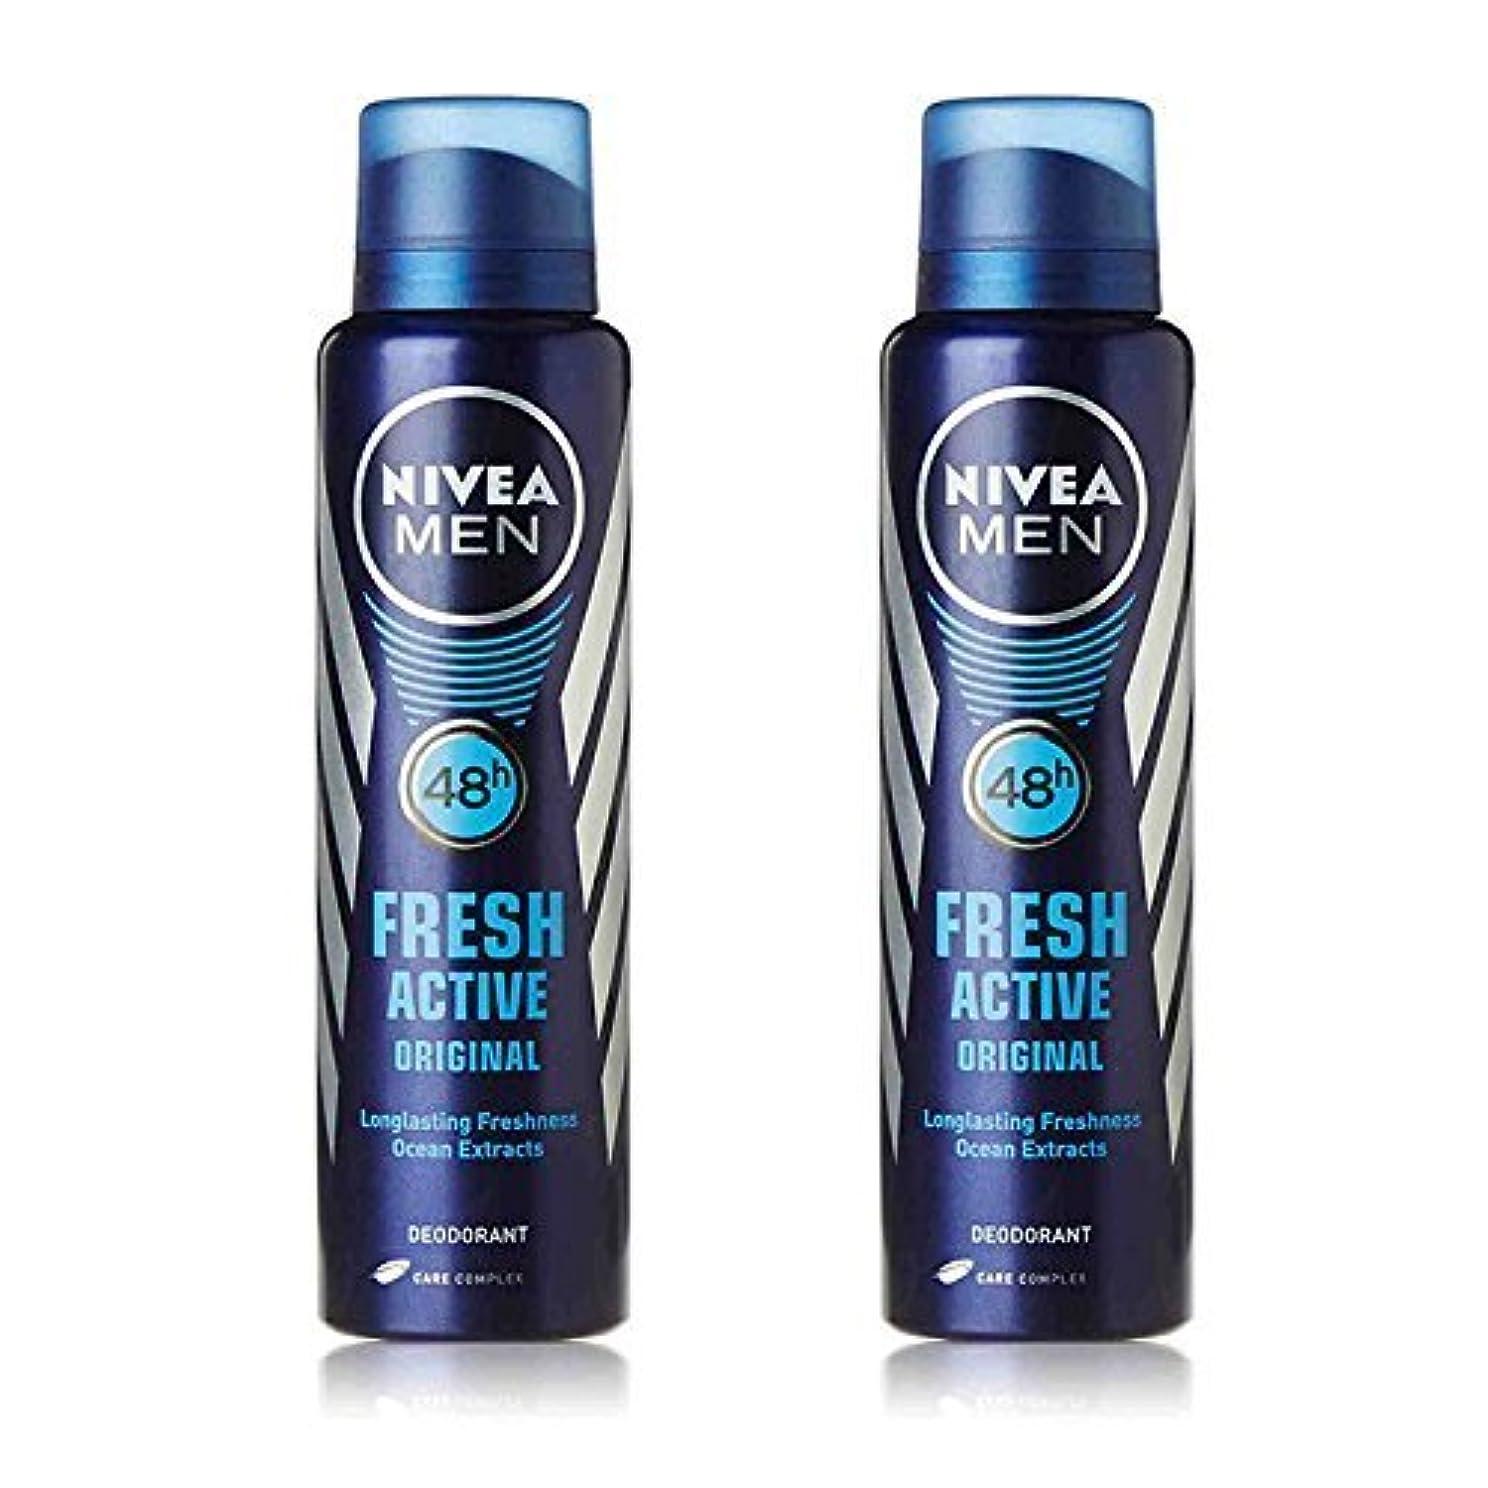 活気づくアーティファクト暴力的なNivea 2 Lots X Fresh Active Original 48 Hours Deodorant, 150Ml